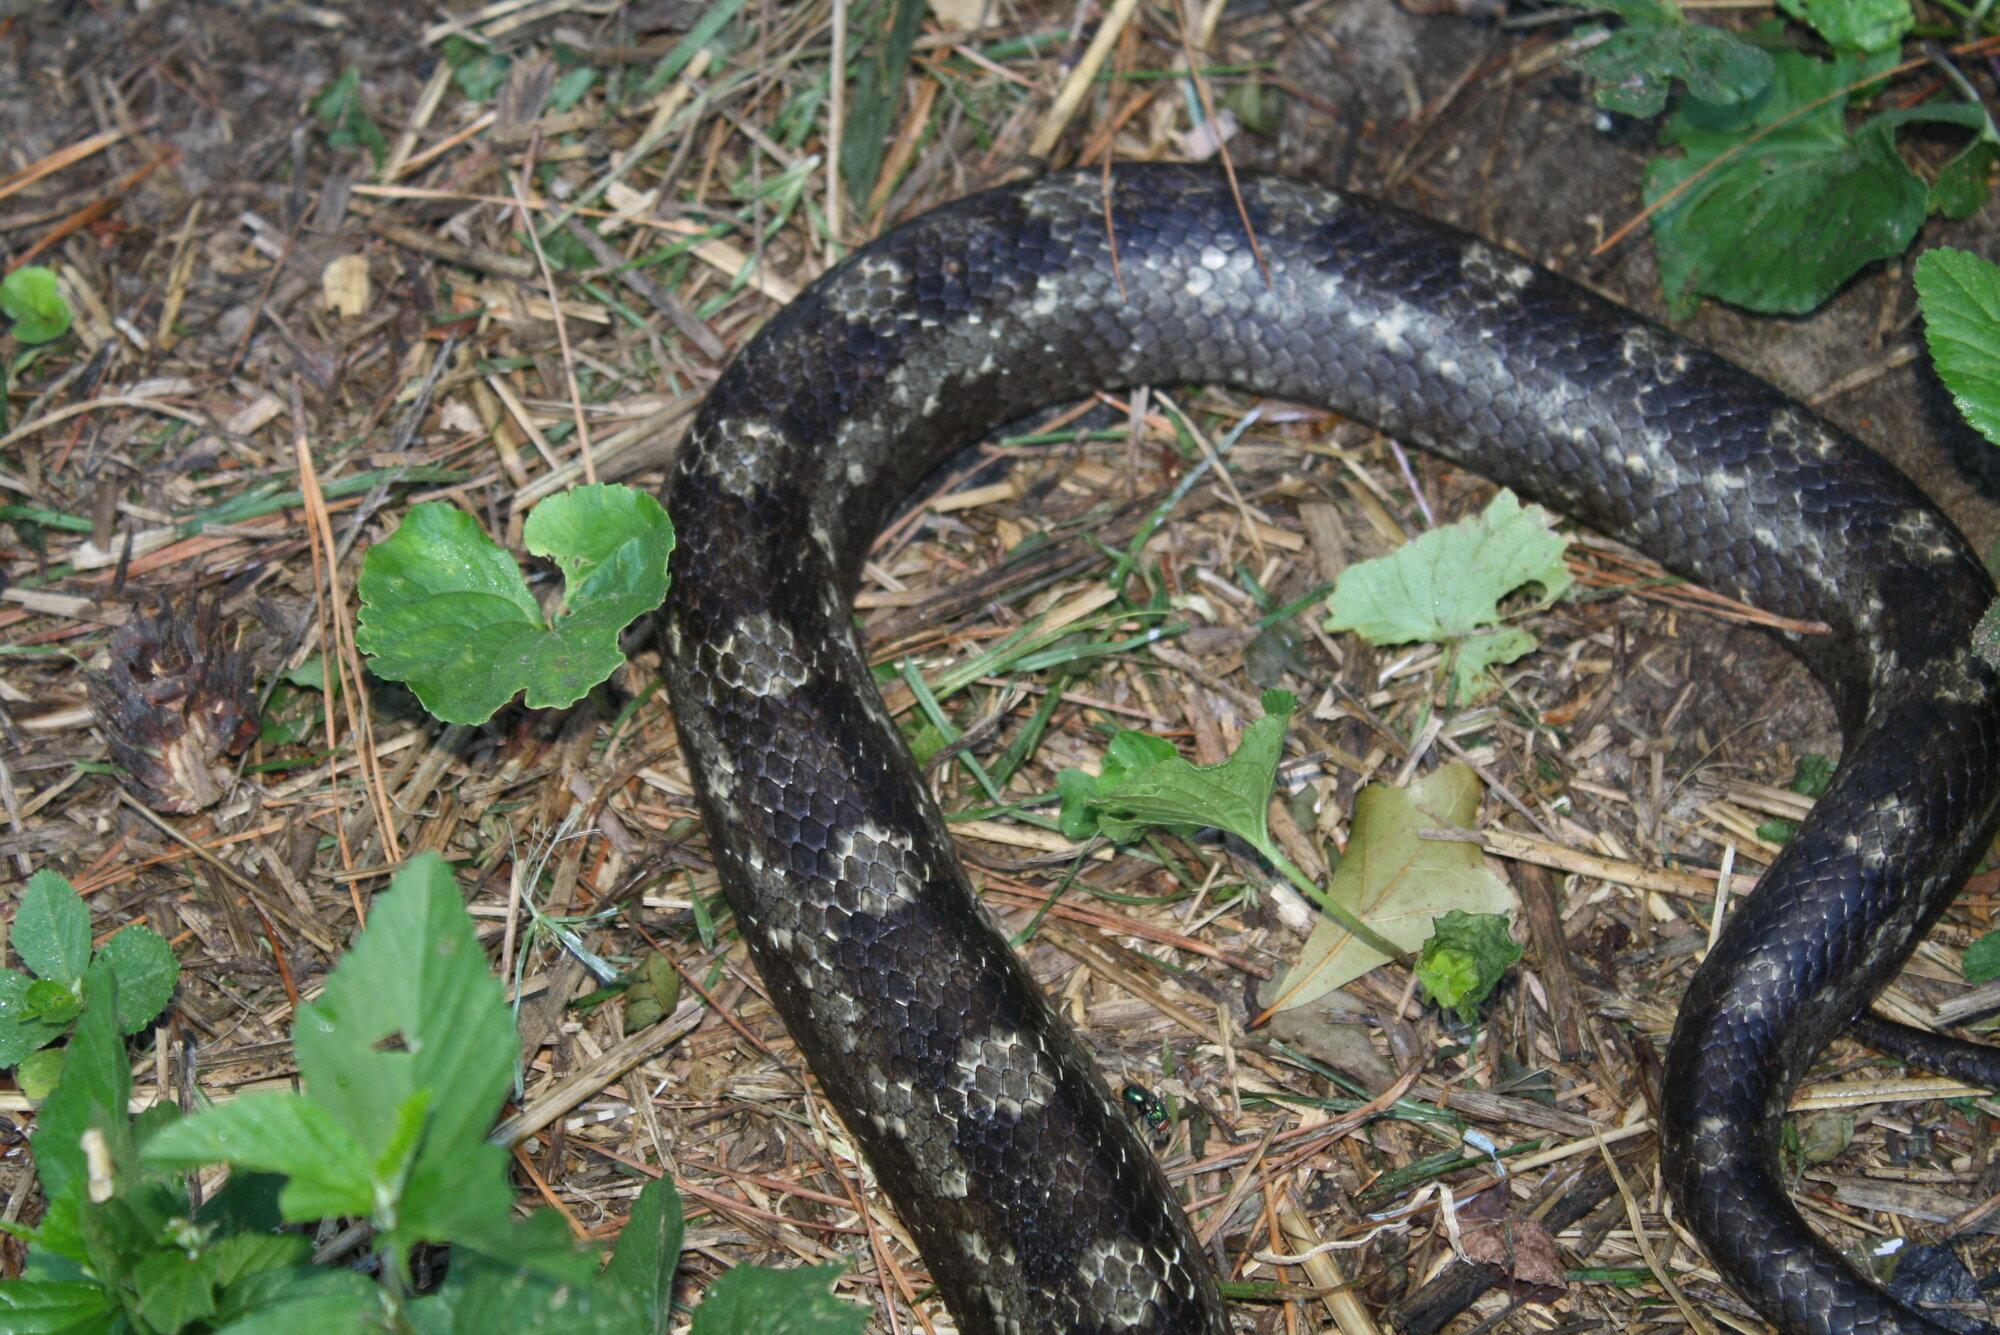 Rat Snakes 001.JPG